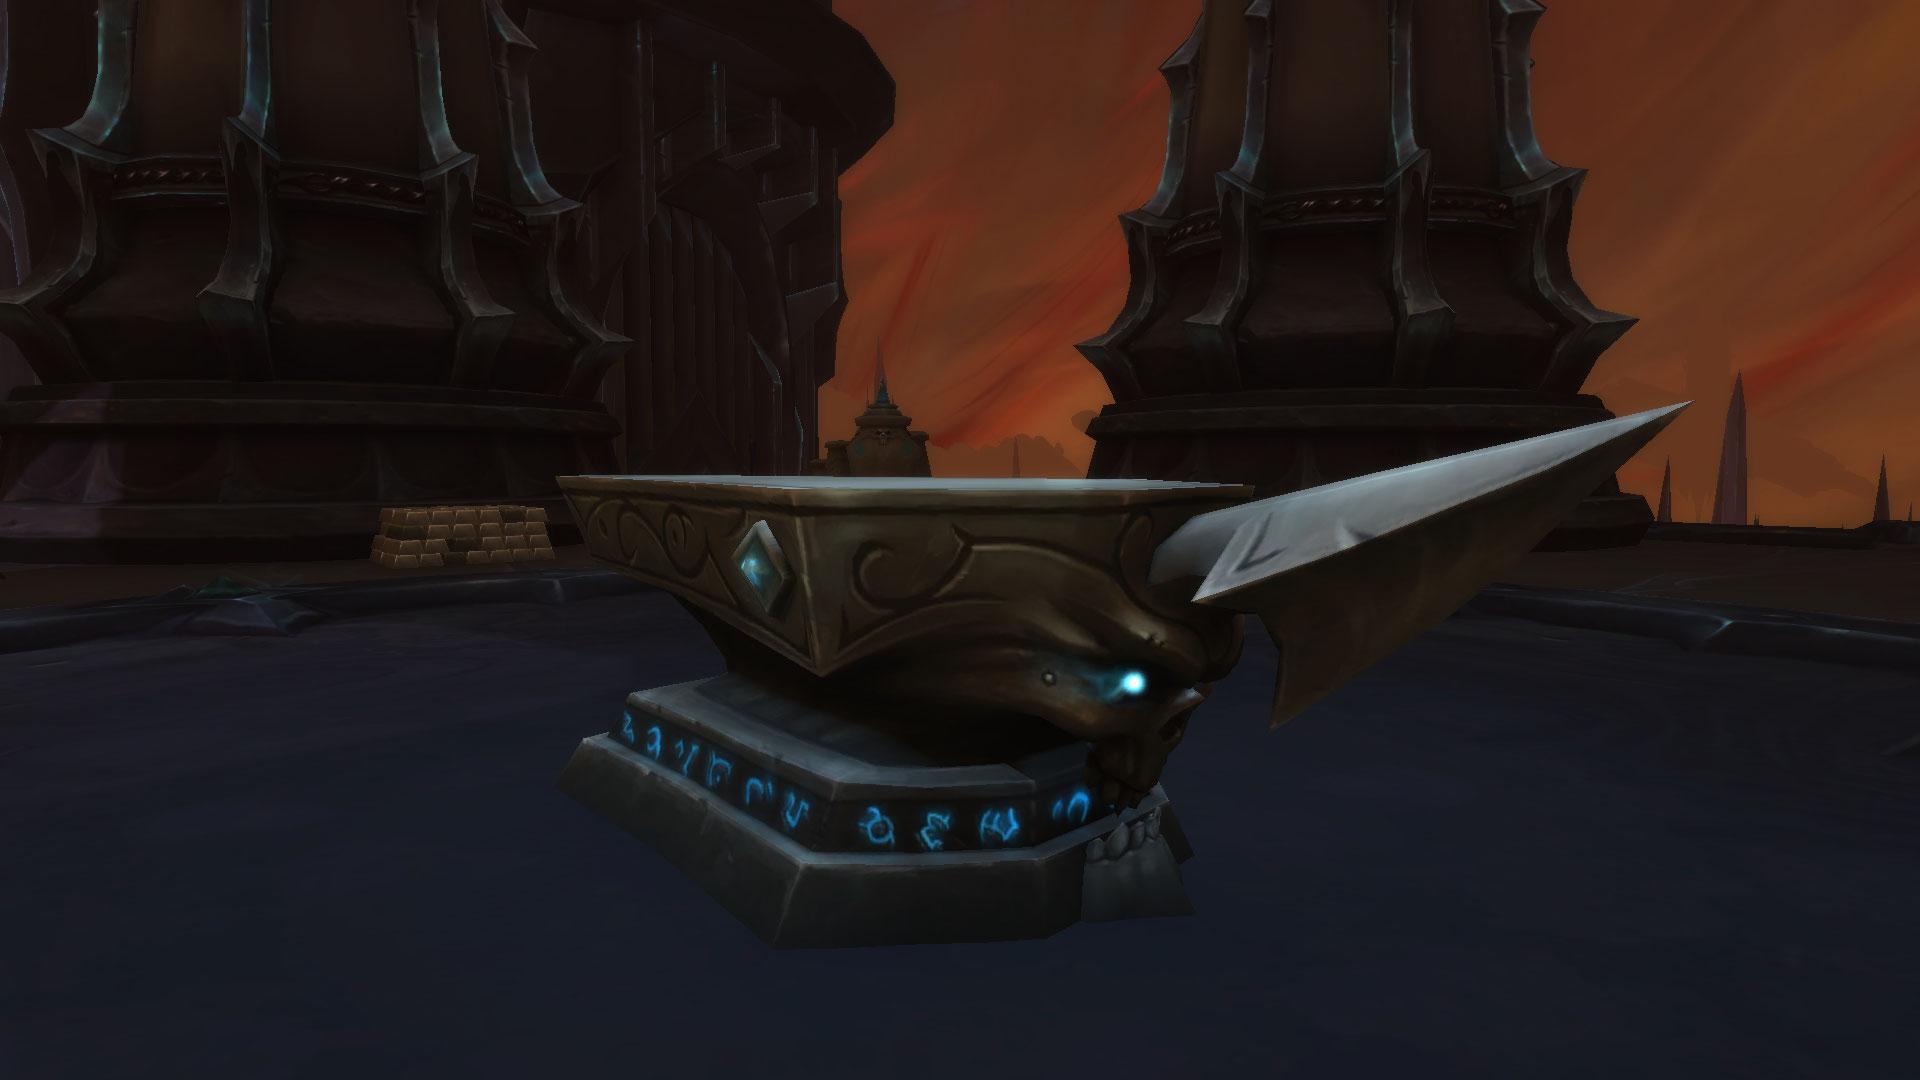 L'enclume de la Forge de l'âme permet d'accéder à une interface d'artisanat